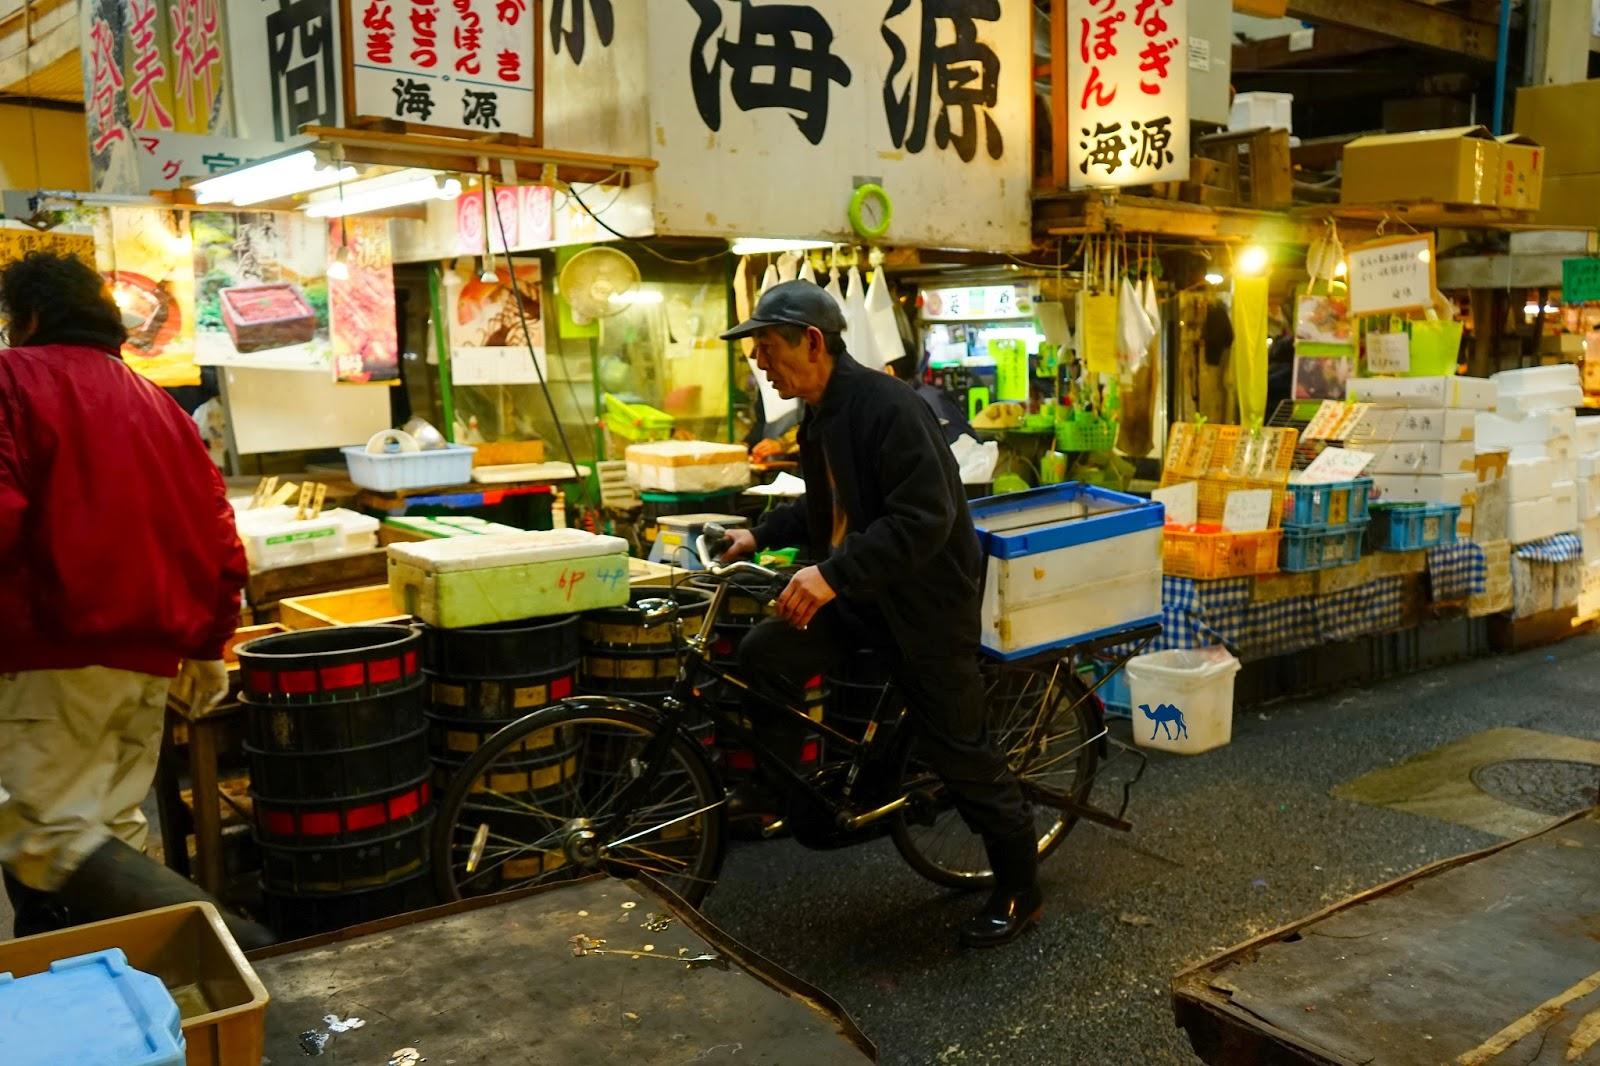 Le Chameau Bleu - Le vieux à velo - Tsukiji